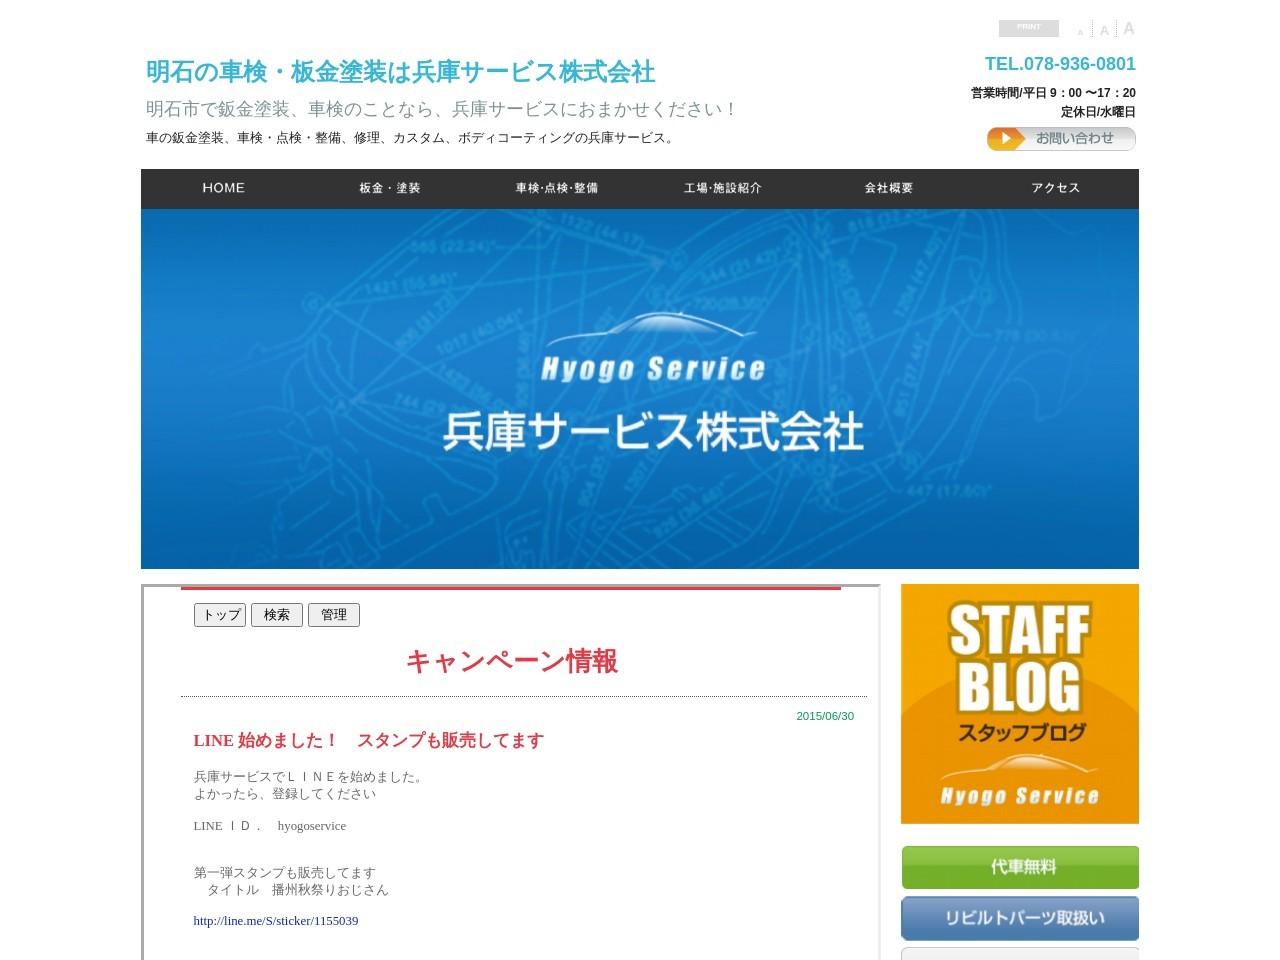 兵庫サービス株式会社